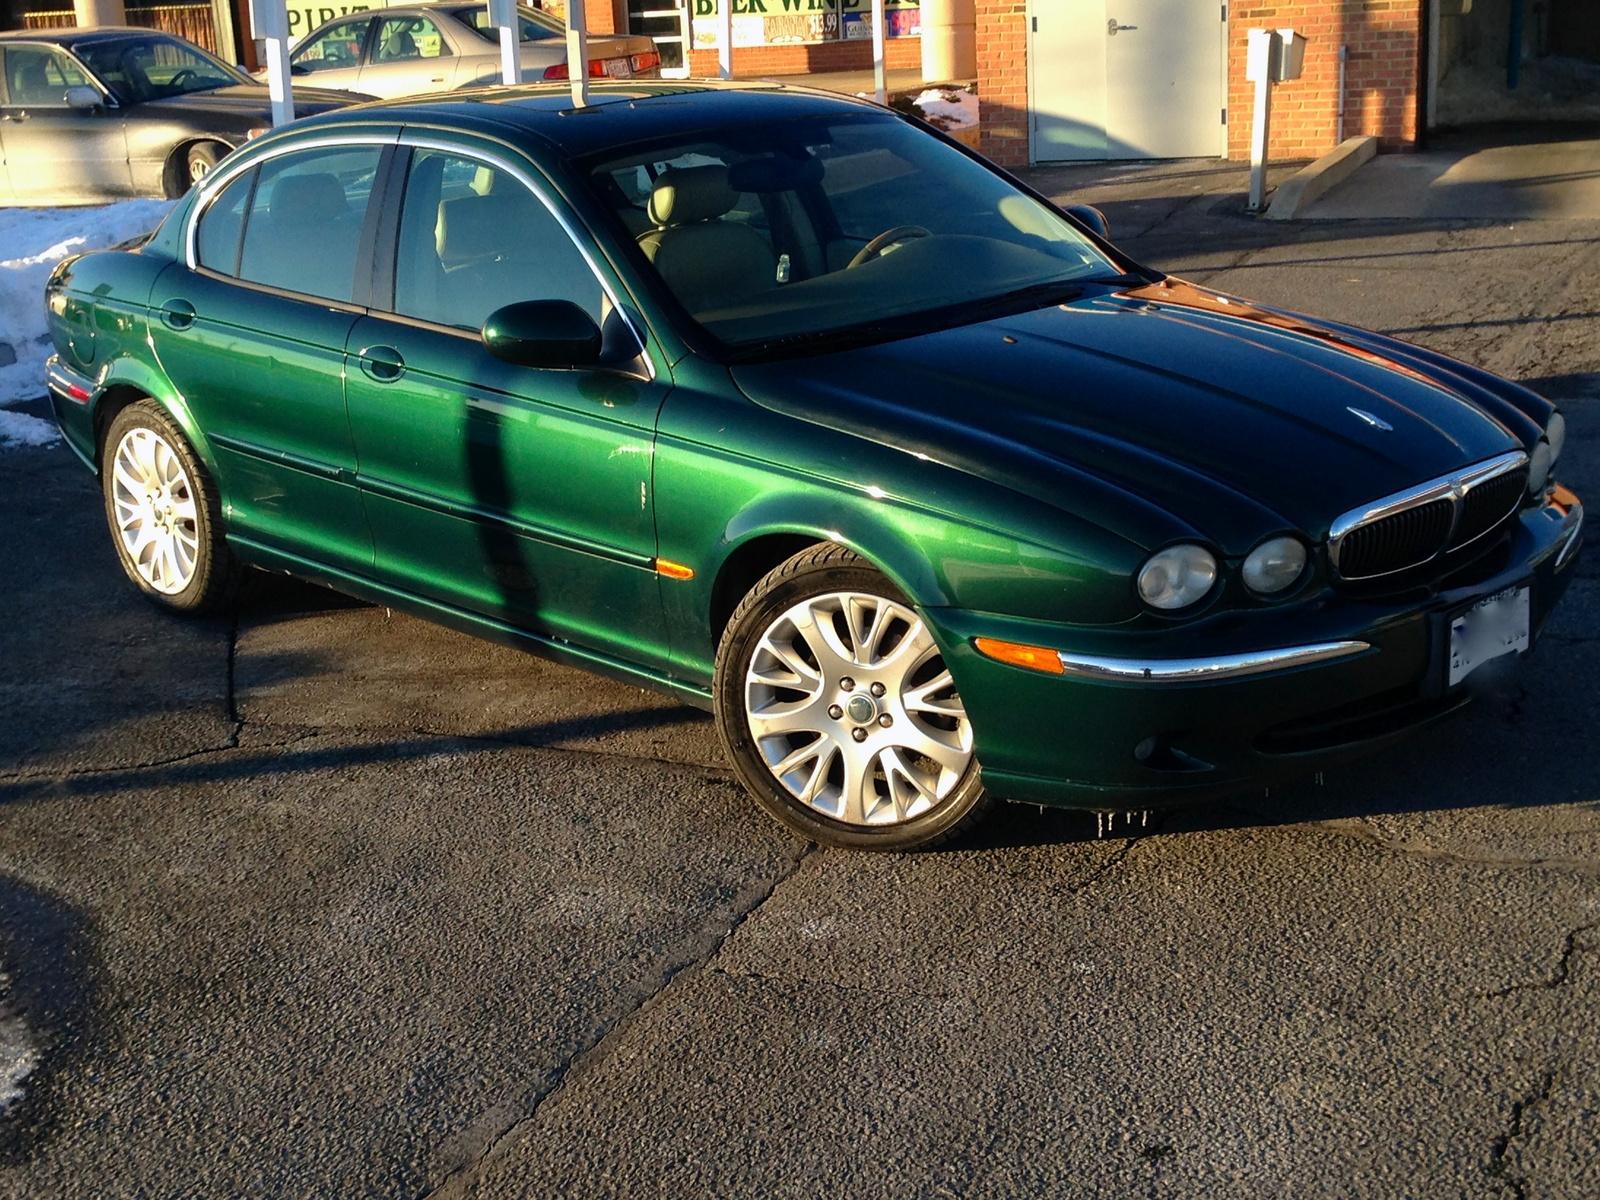 2003 Jaguar X-type - Overview